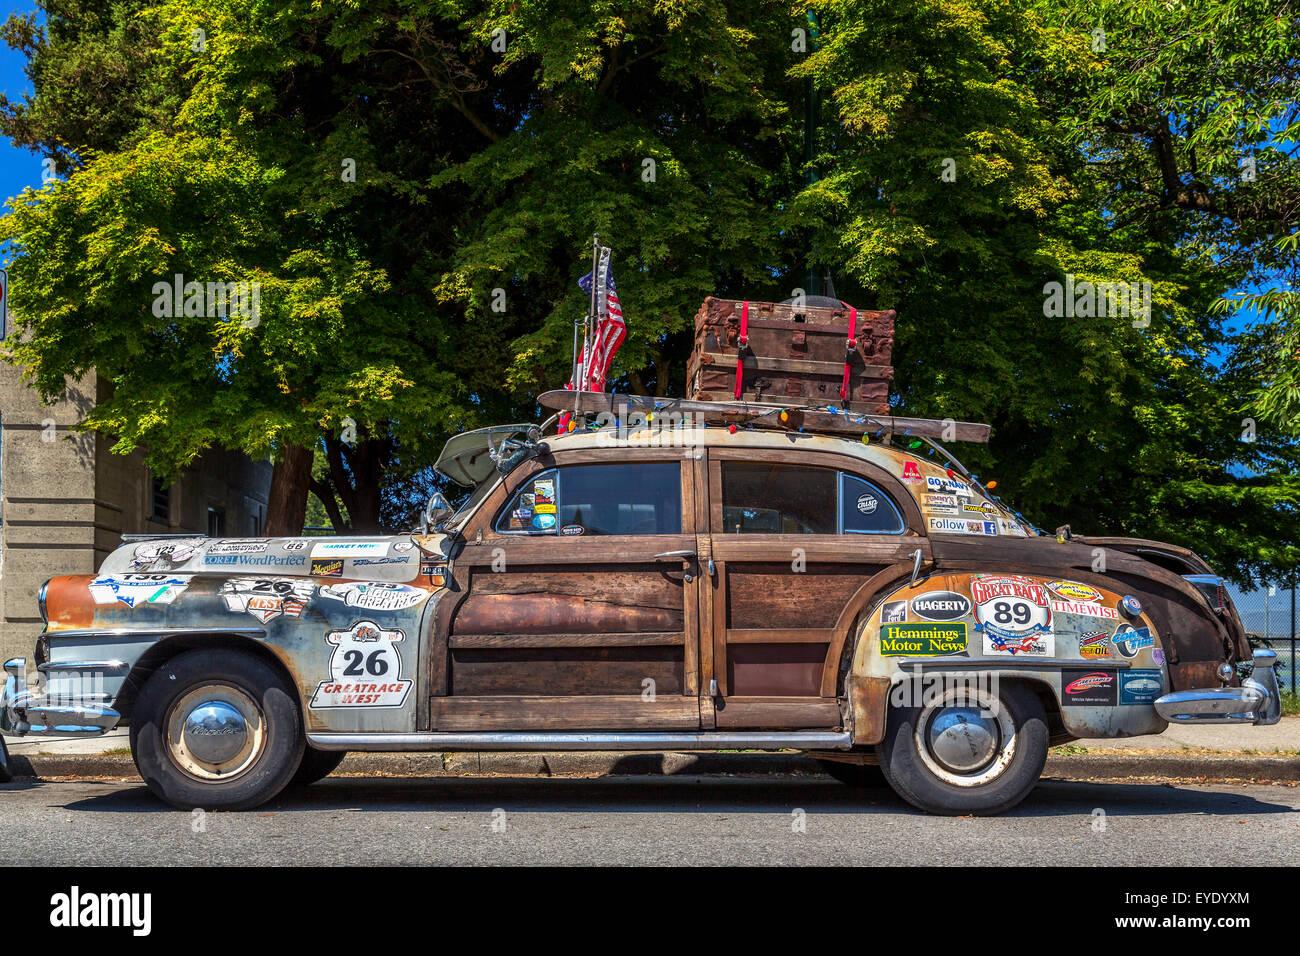 Alten Chrysler Town & Country aus den fünfziger Jahren, Vancouver, Britisch-Kolumbien, Kanada Stockbild